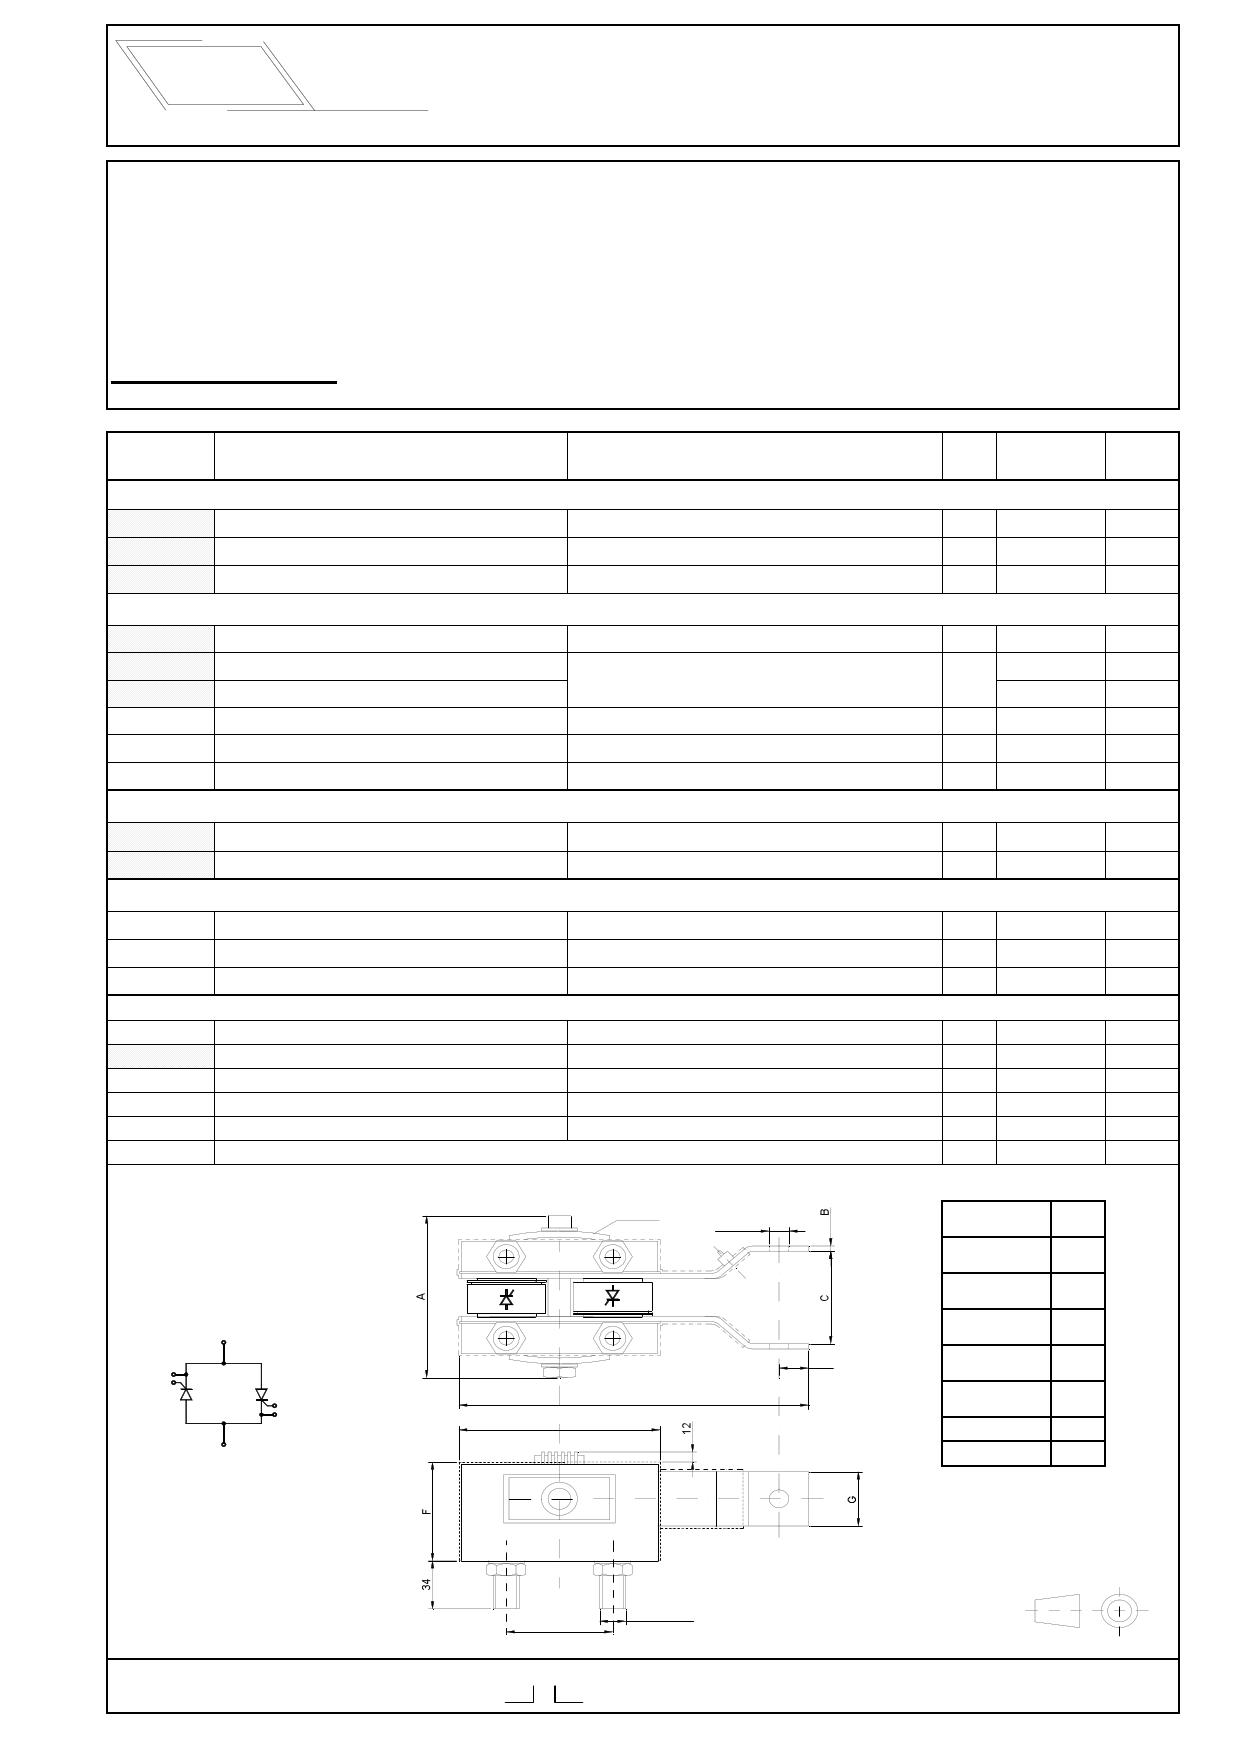 2-2W5I-AT804 Даташит, Описание, Даташиты